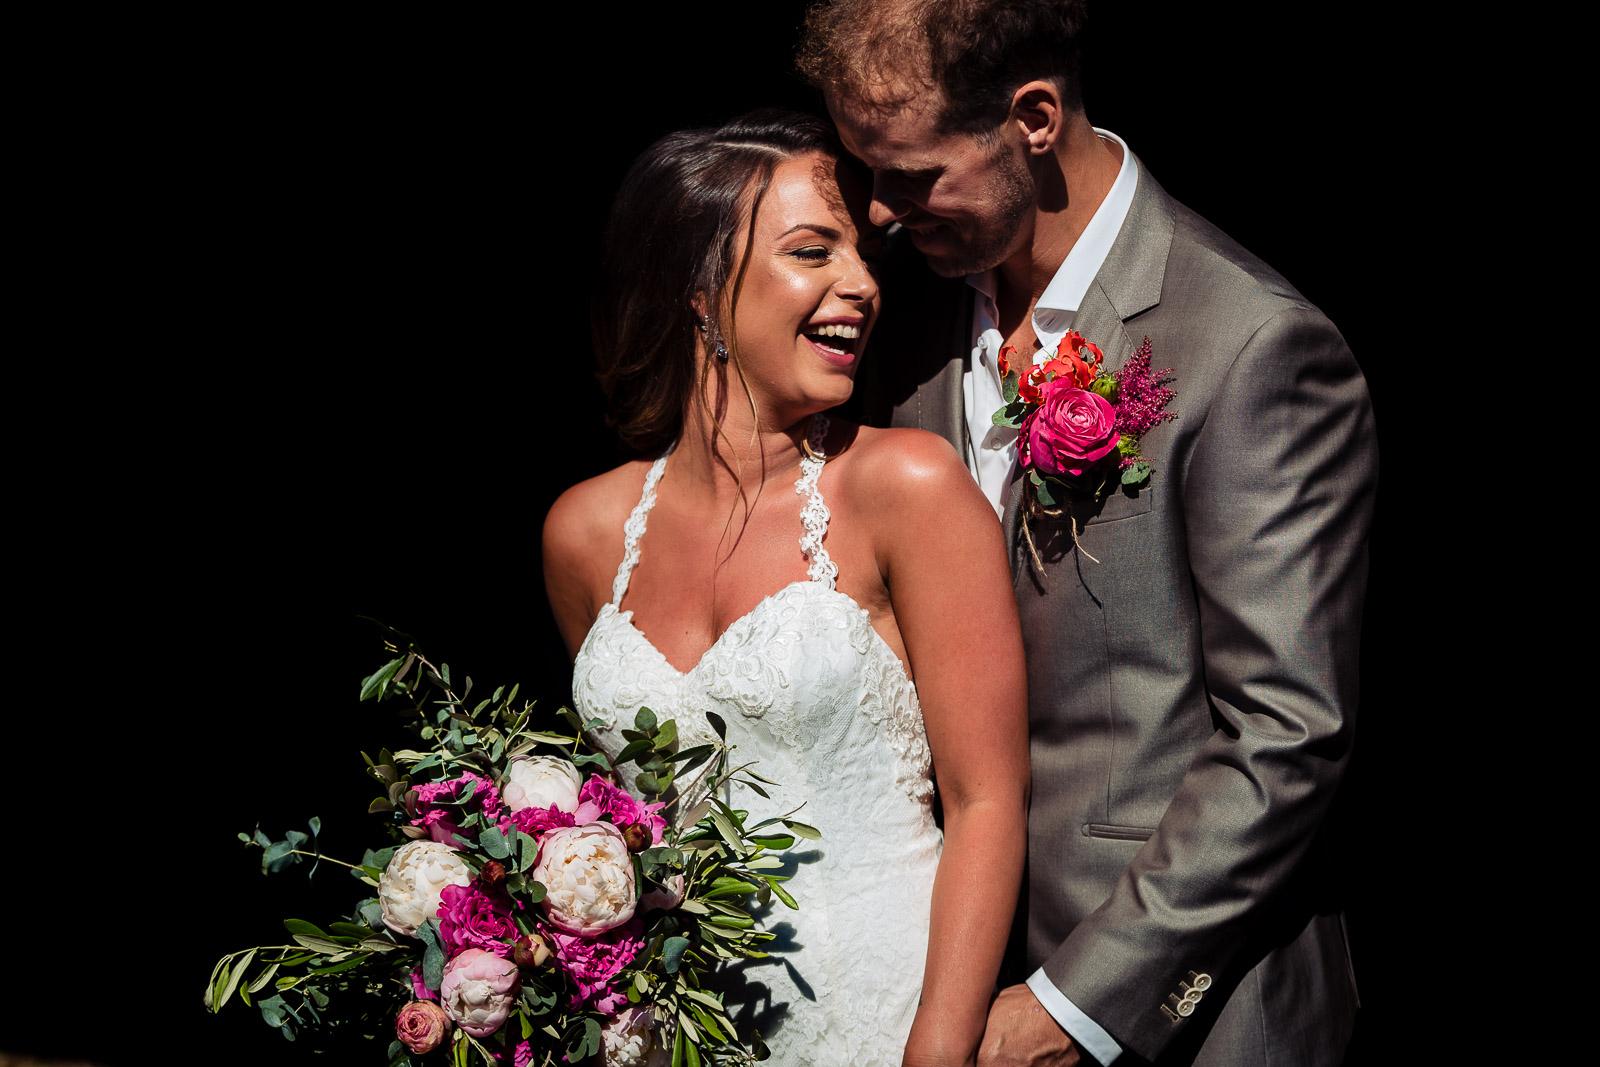 Bruidsfotograaf | Jeanette & Gert | Ede – Lunteren